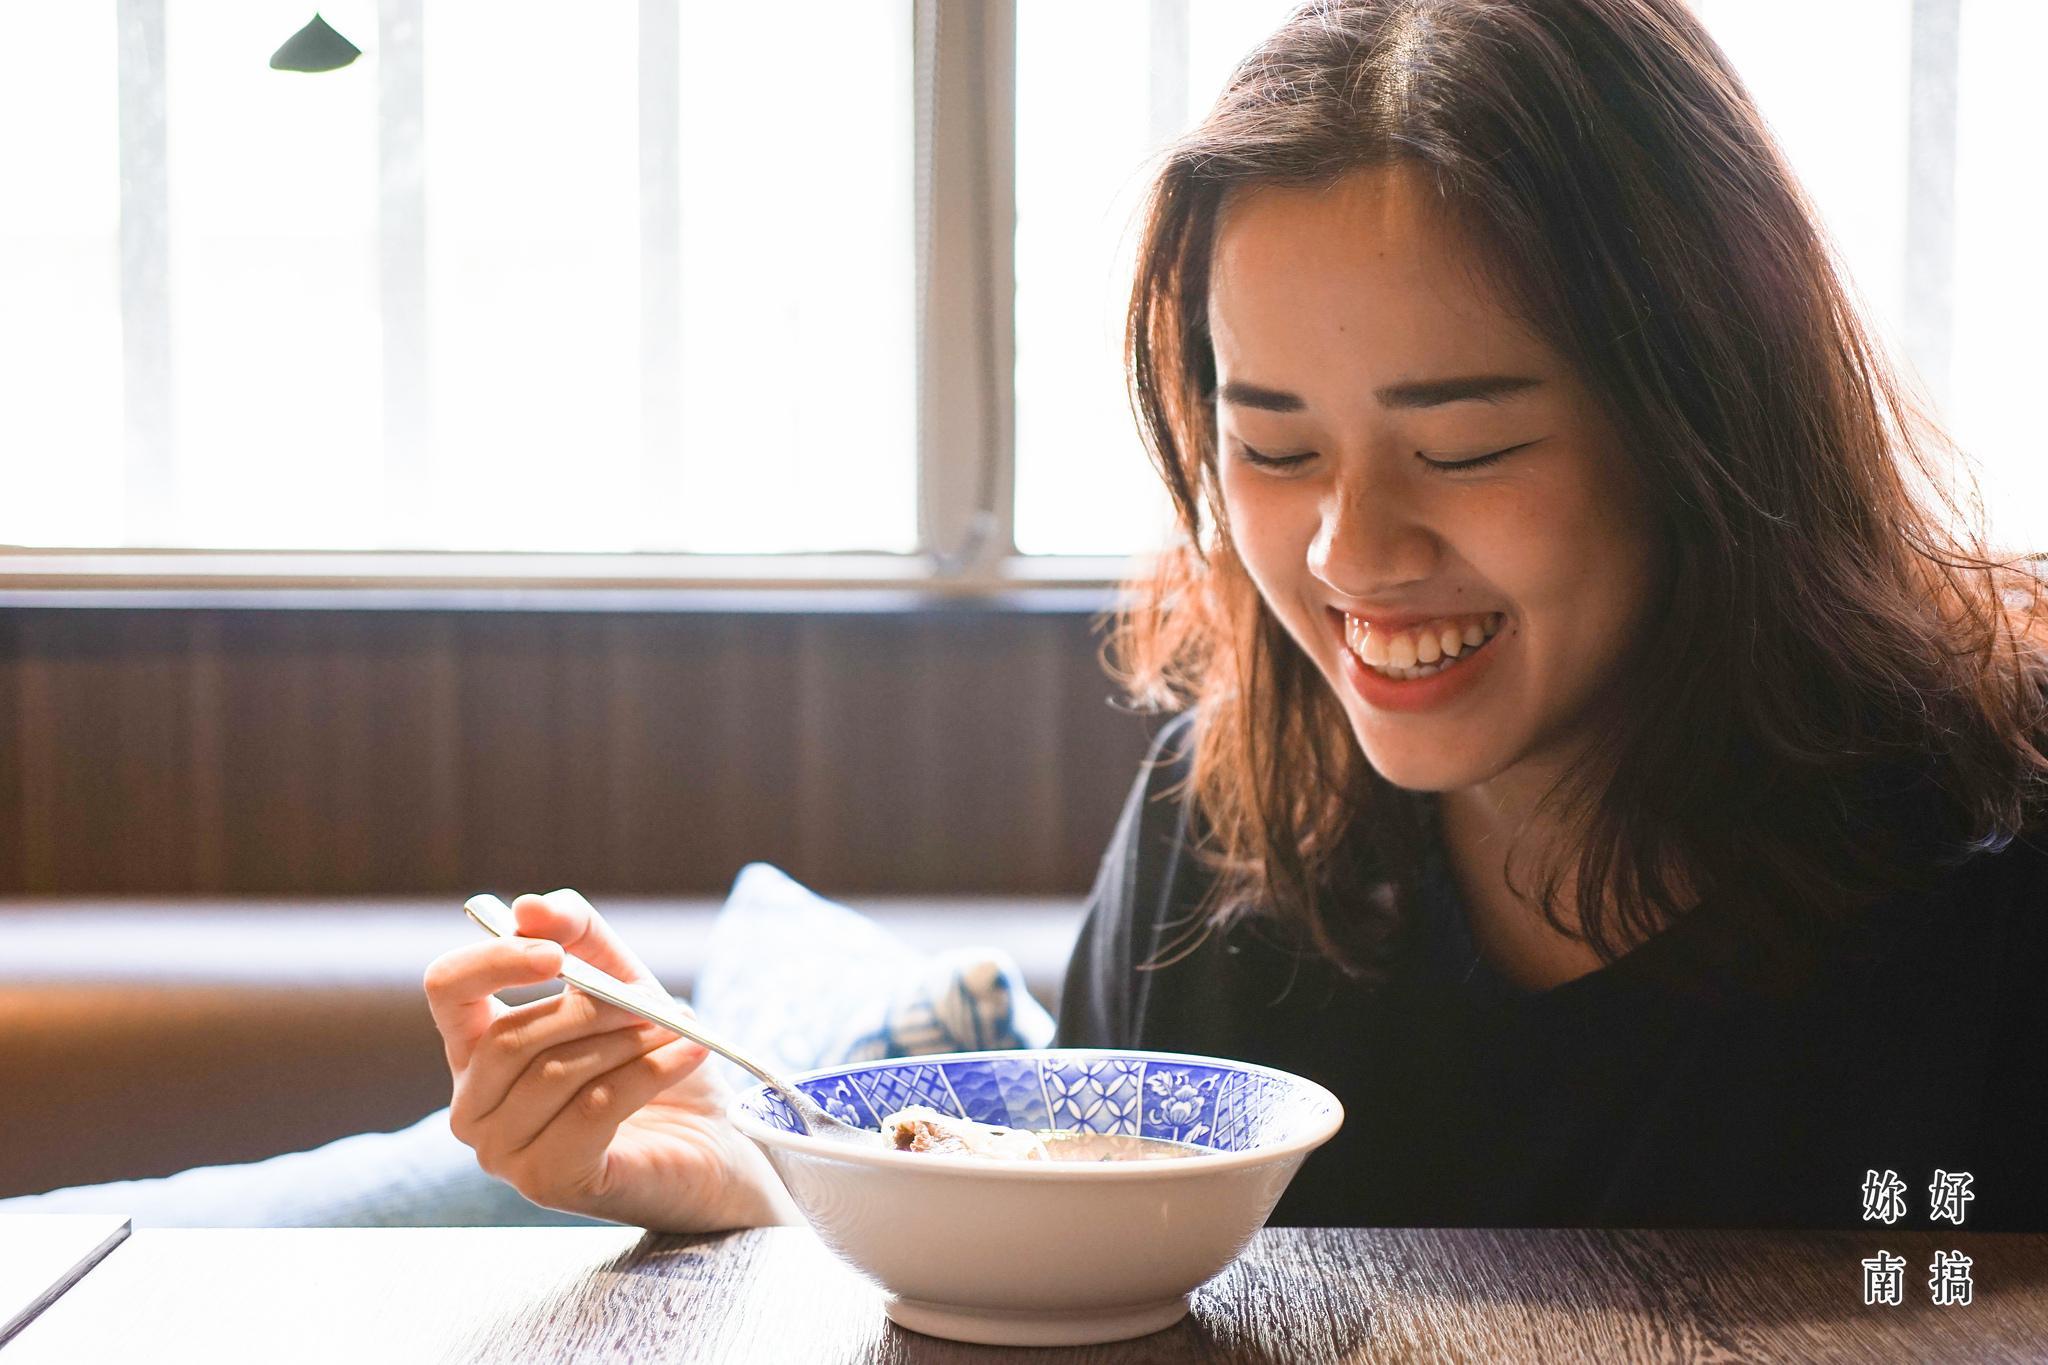 台南旅遊-主廚的菜籃子-16-妳好南搞